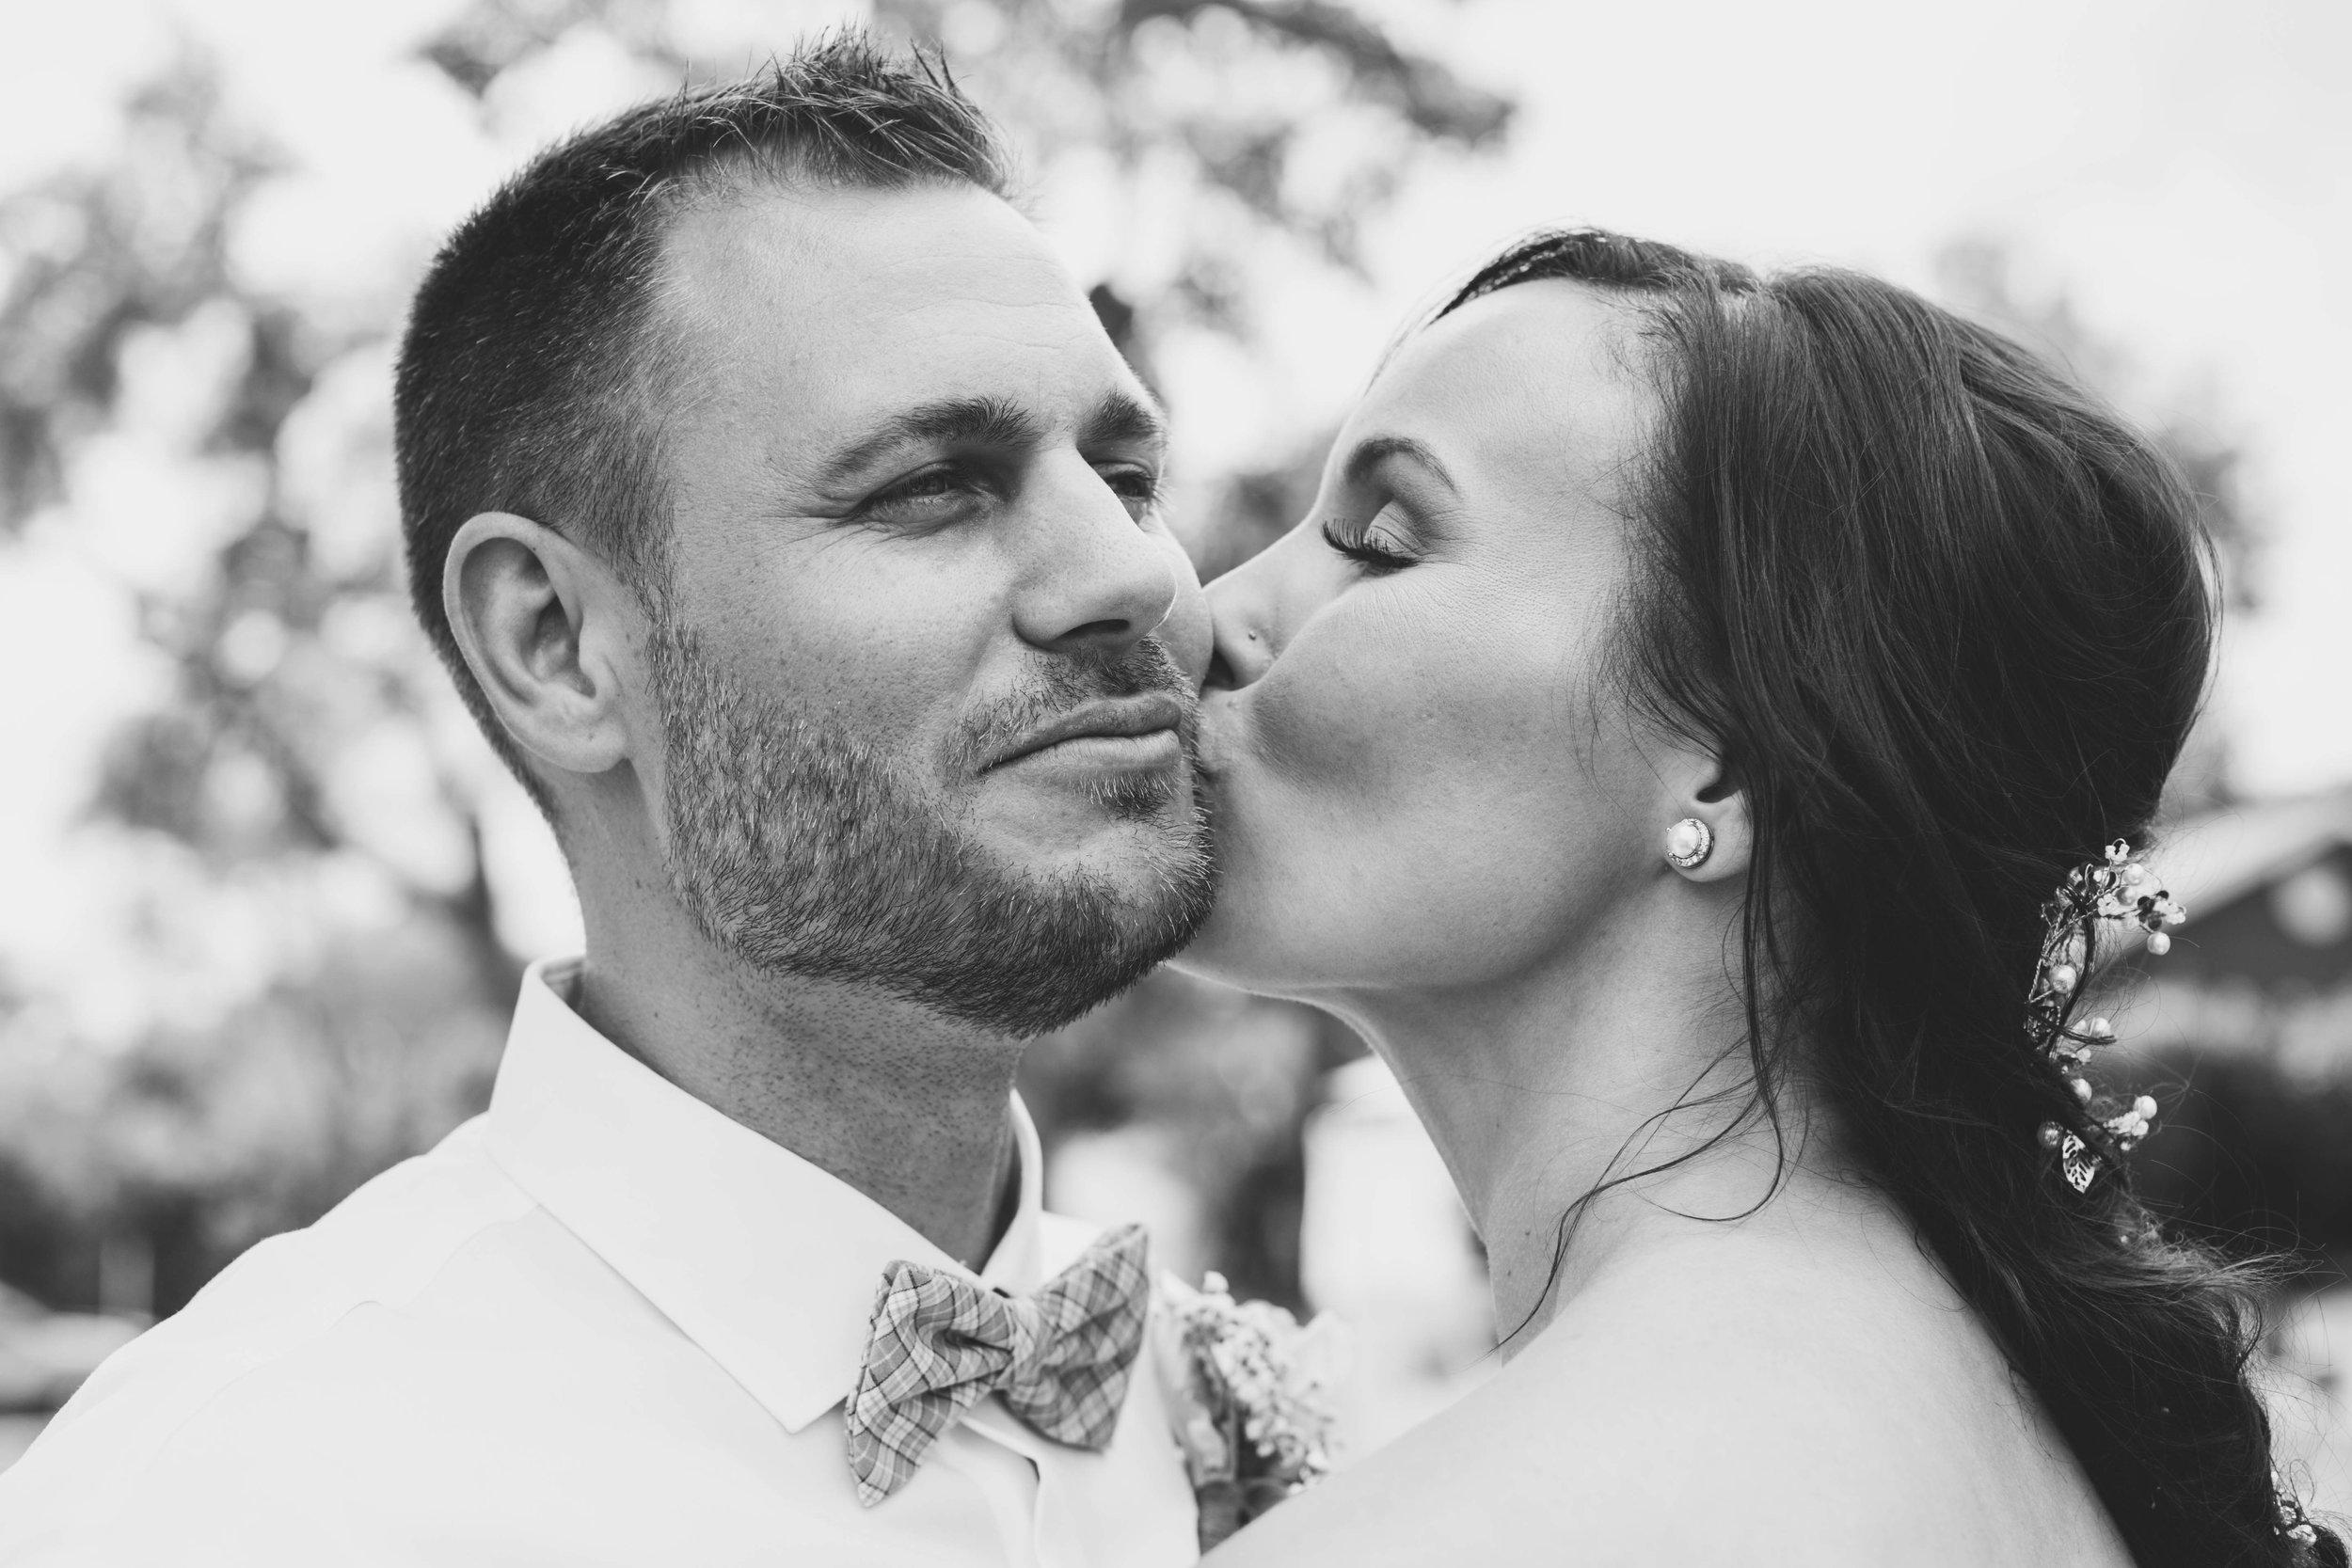 ATGI_Susanna & Matt Wedding_717A8322.jpg